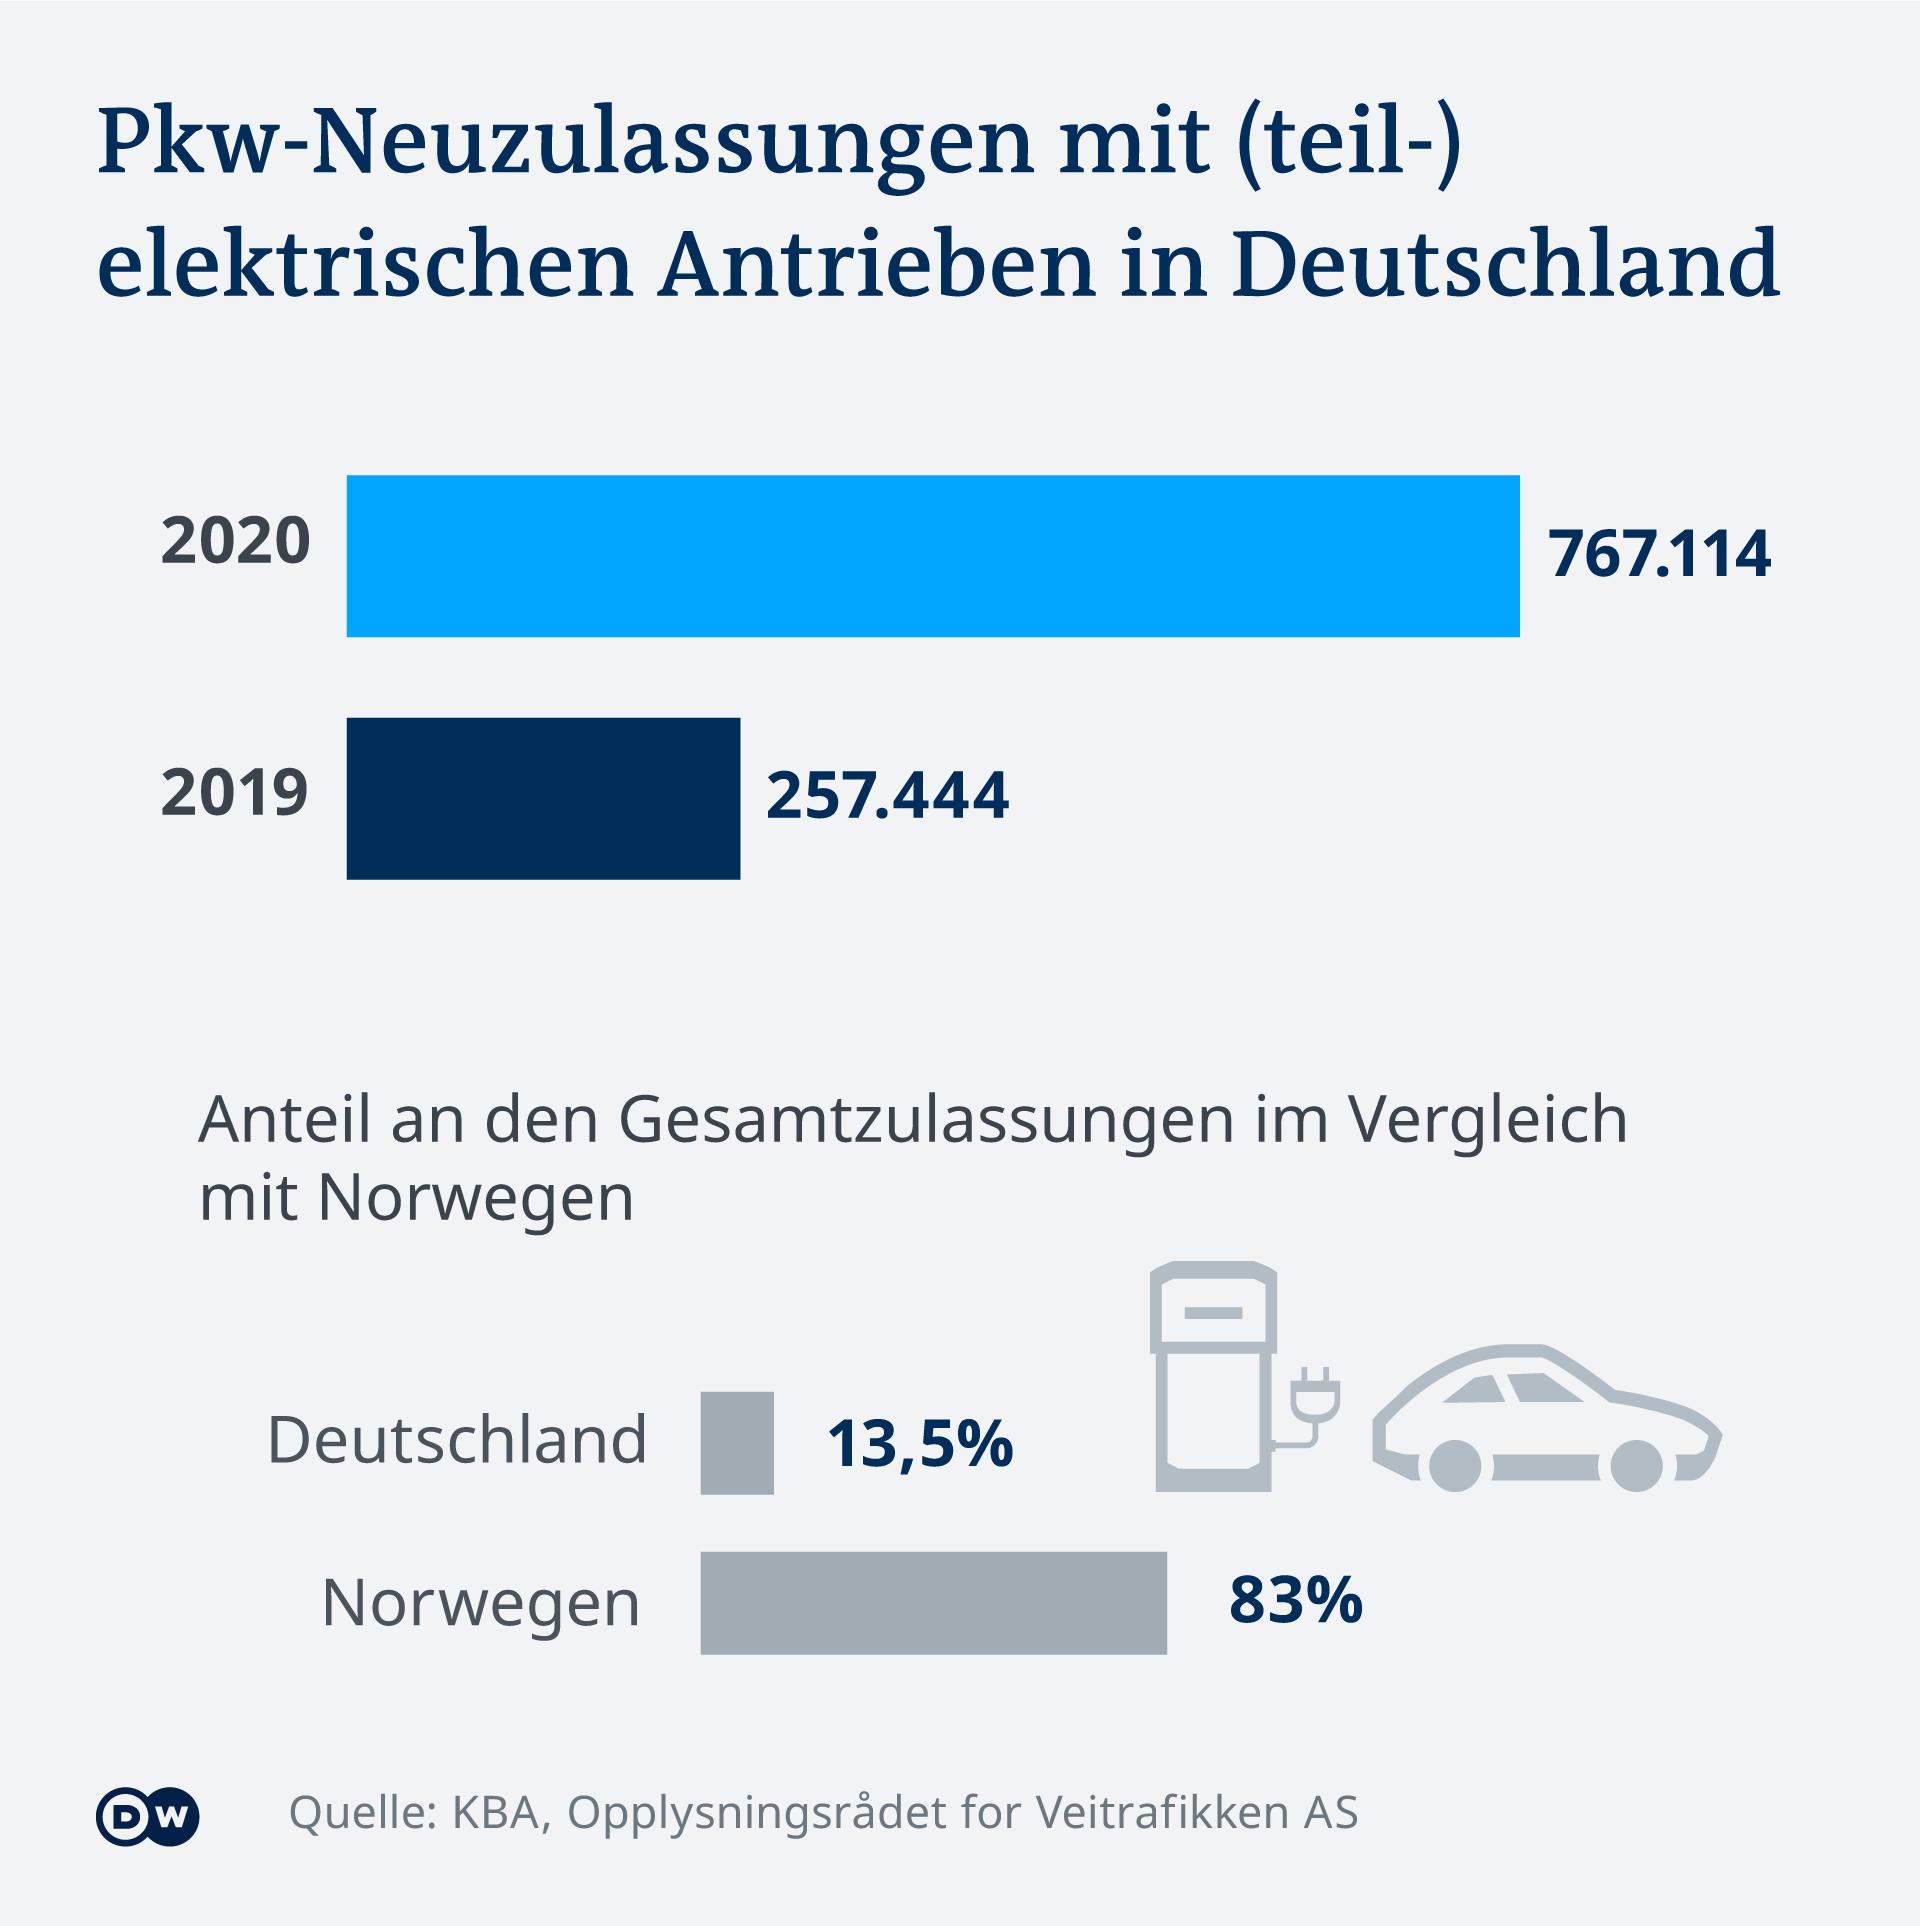 Infografik PKW-Neuzulassungen mit teil-elektrischem Antrieb in Deutschland